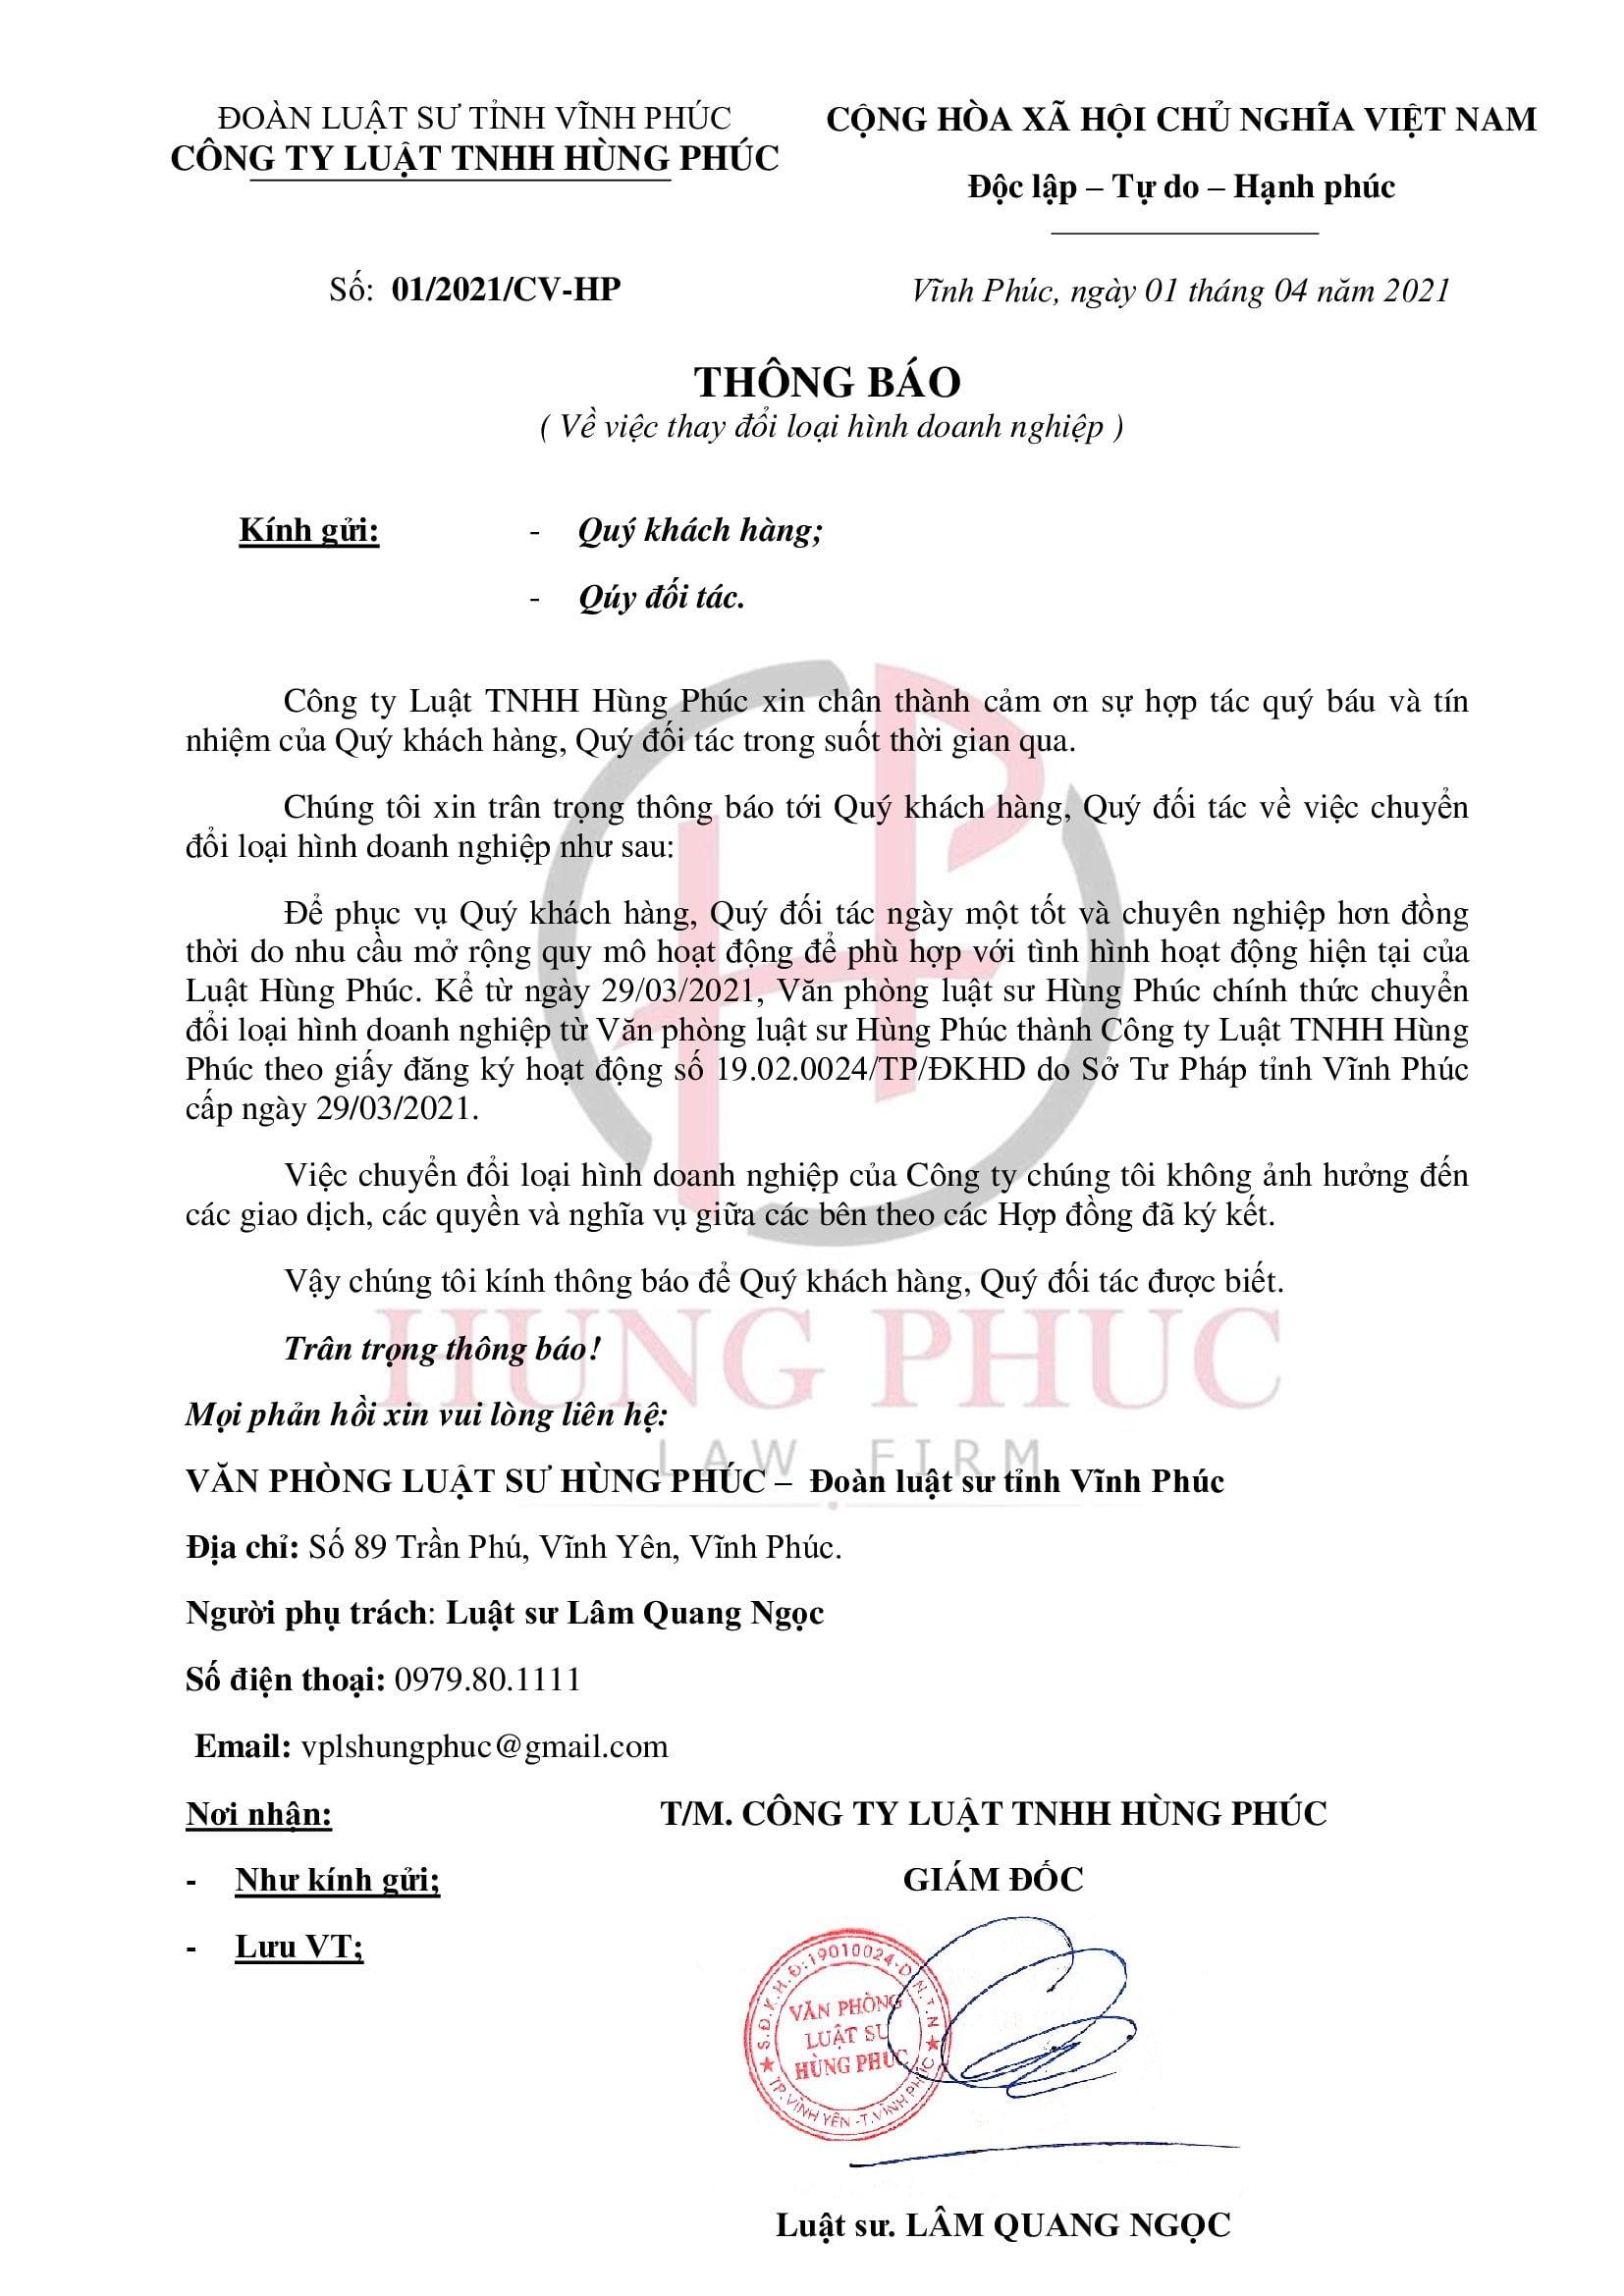 THÔNG BÁO THAY ĐỔI LOẠI HÌNH DOANH NGHIỆP - LUẬT HÙNG PHÚC | Pháp luật Doanh nghiệp